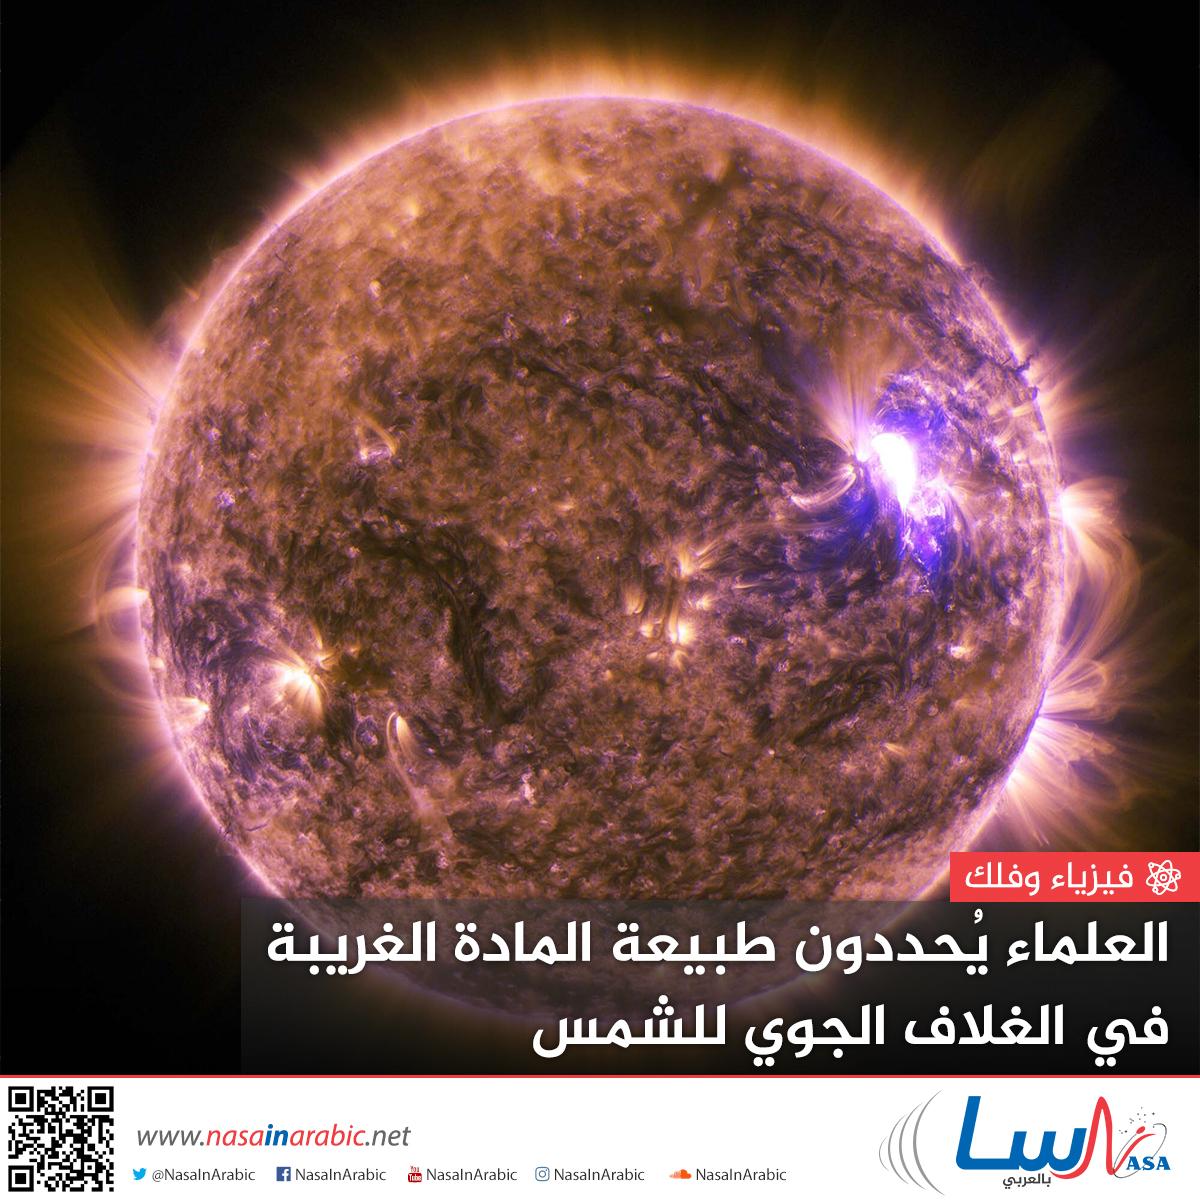 العلماء يُحددون طبيعة المادة الغريبة في الغلاف الجوي للشمس